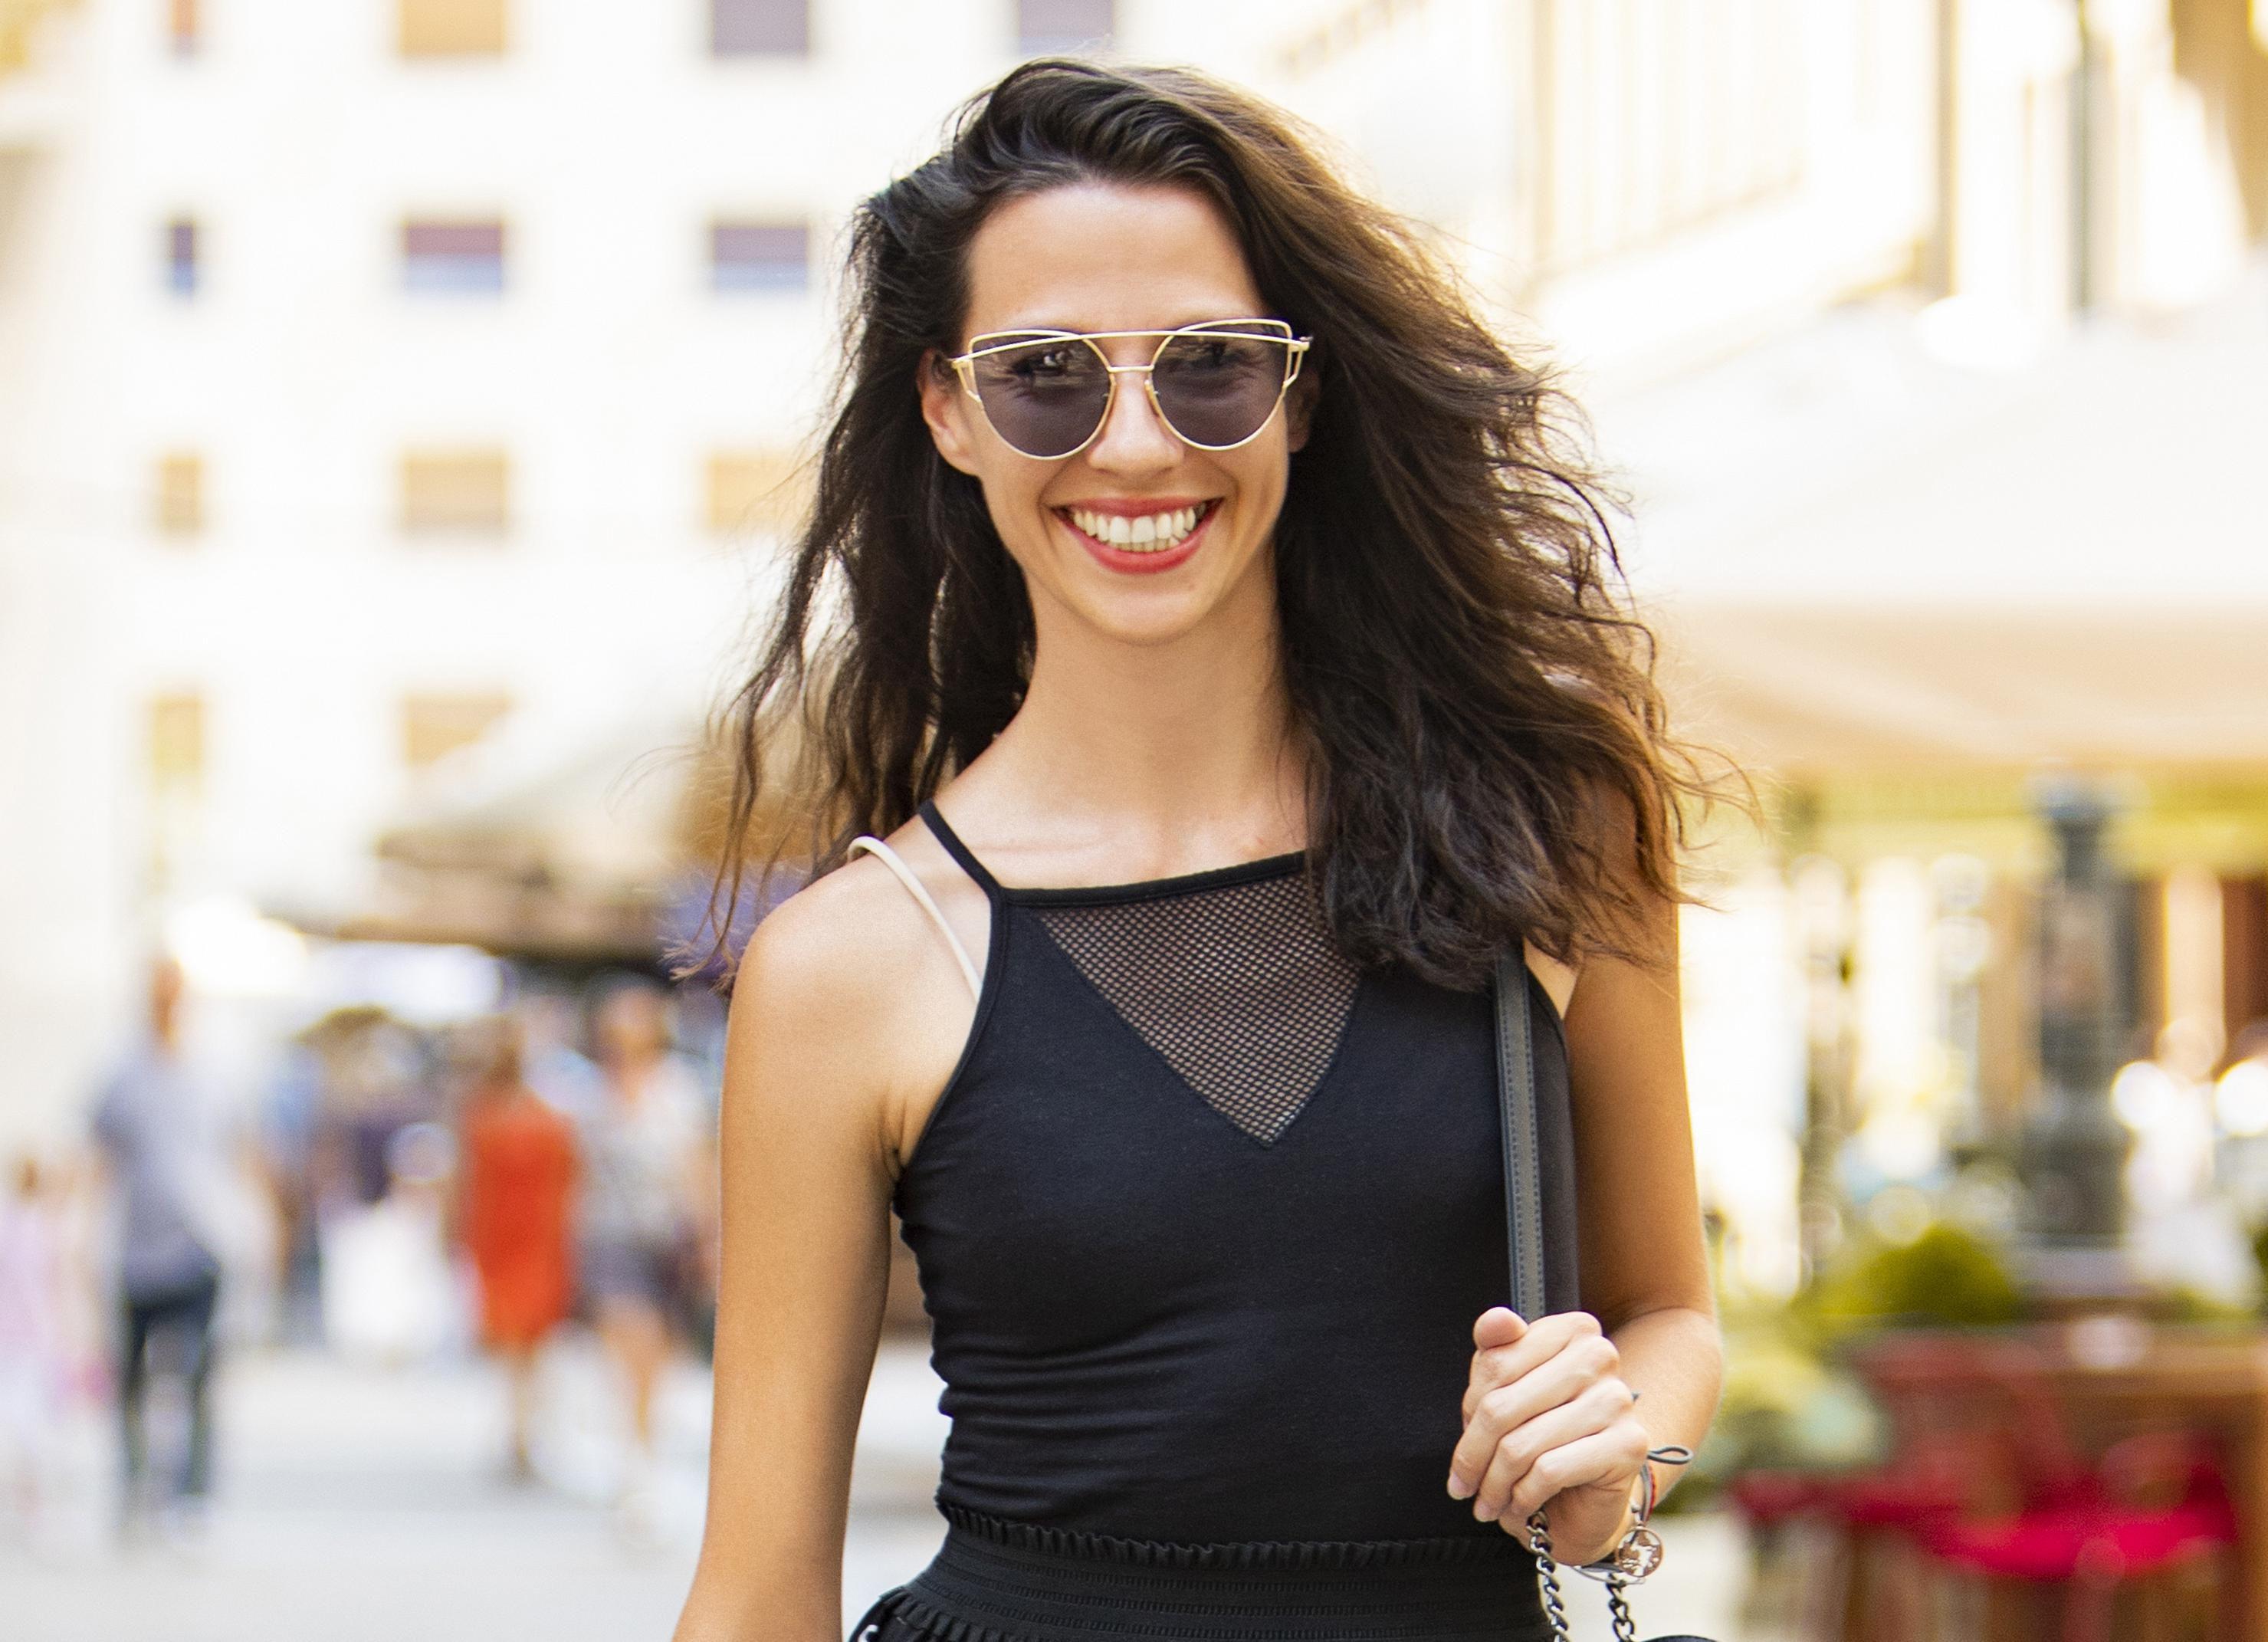 Crno od glave do pete u ljetnim danima? Divna kustosica svakako zna kako nositi takav outfit!